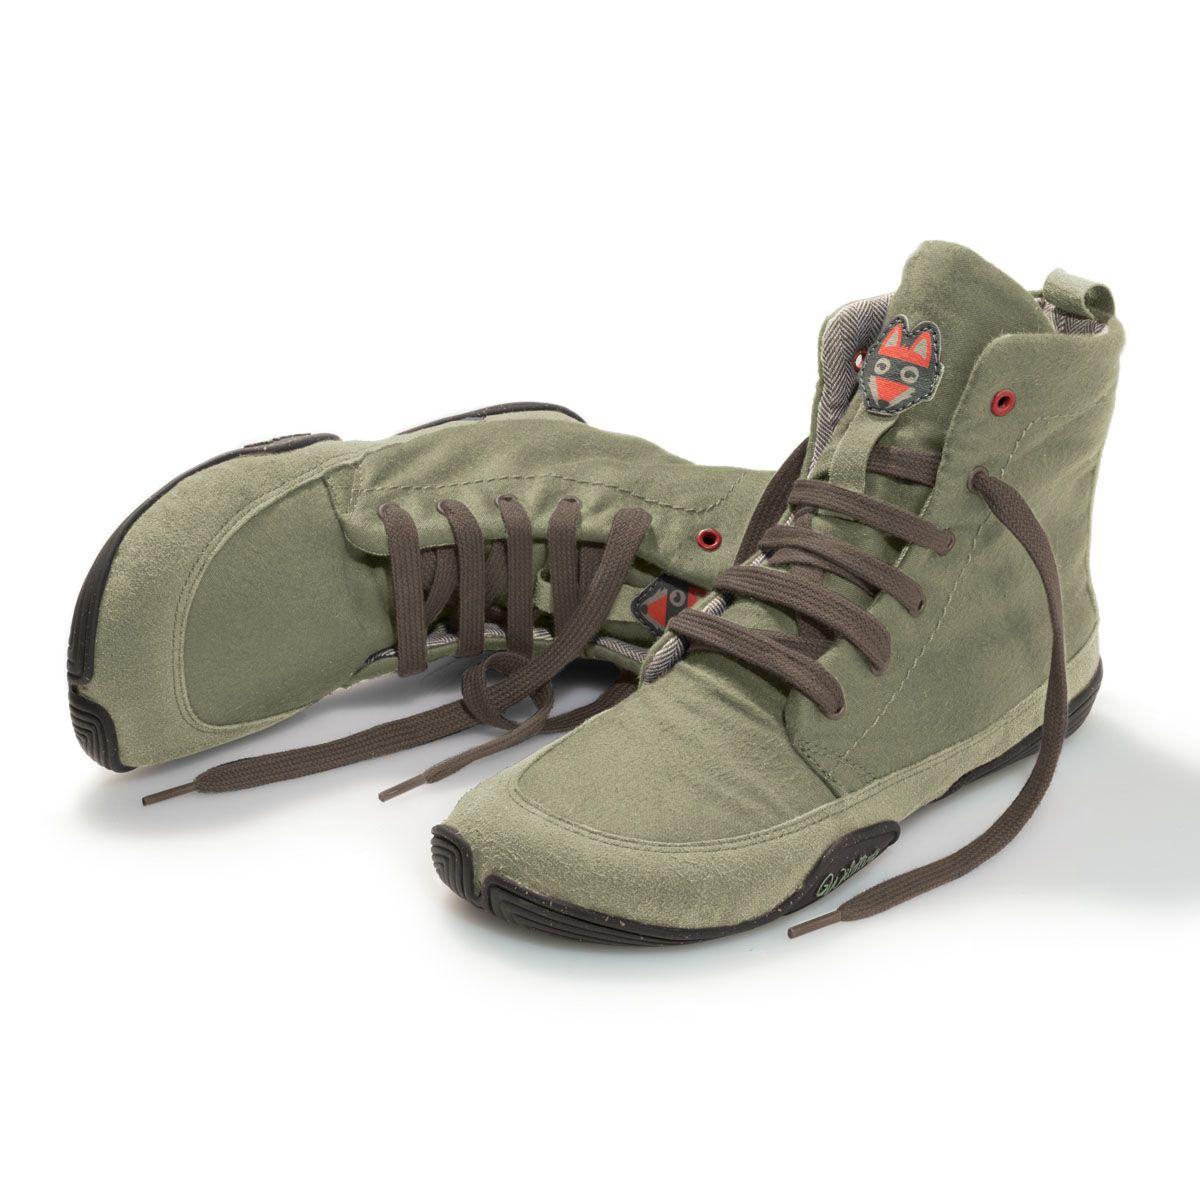 3c574999f76a1e Rewild Vegane Schuhe